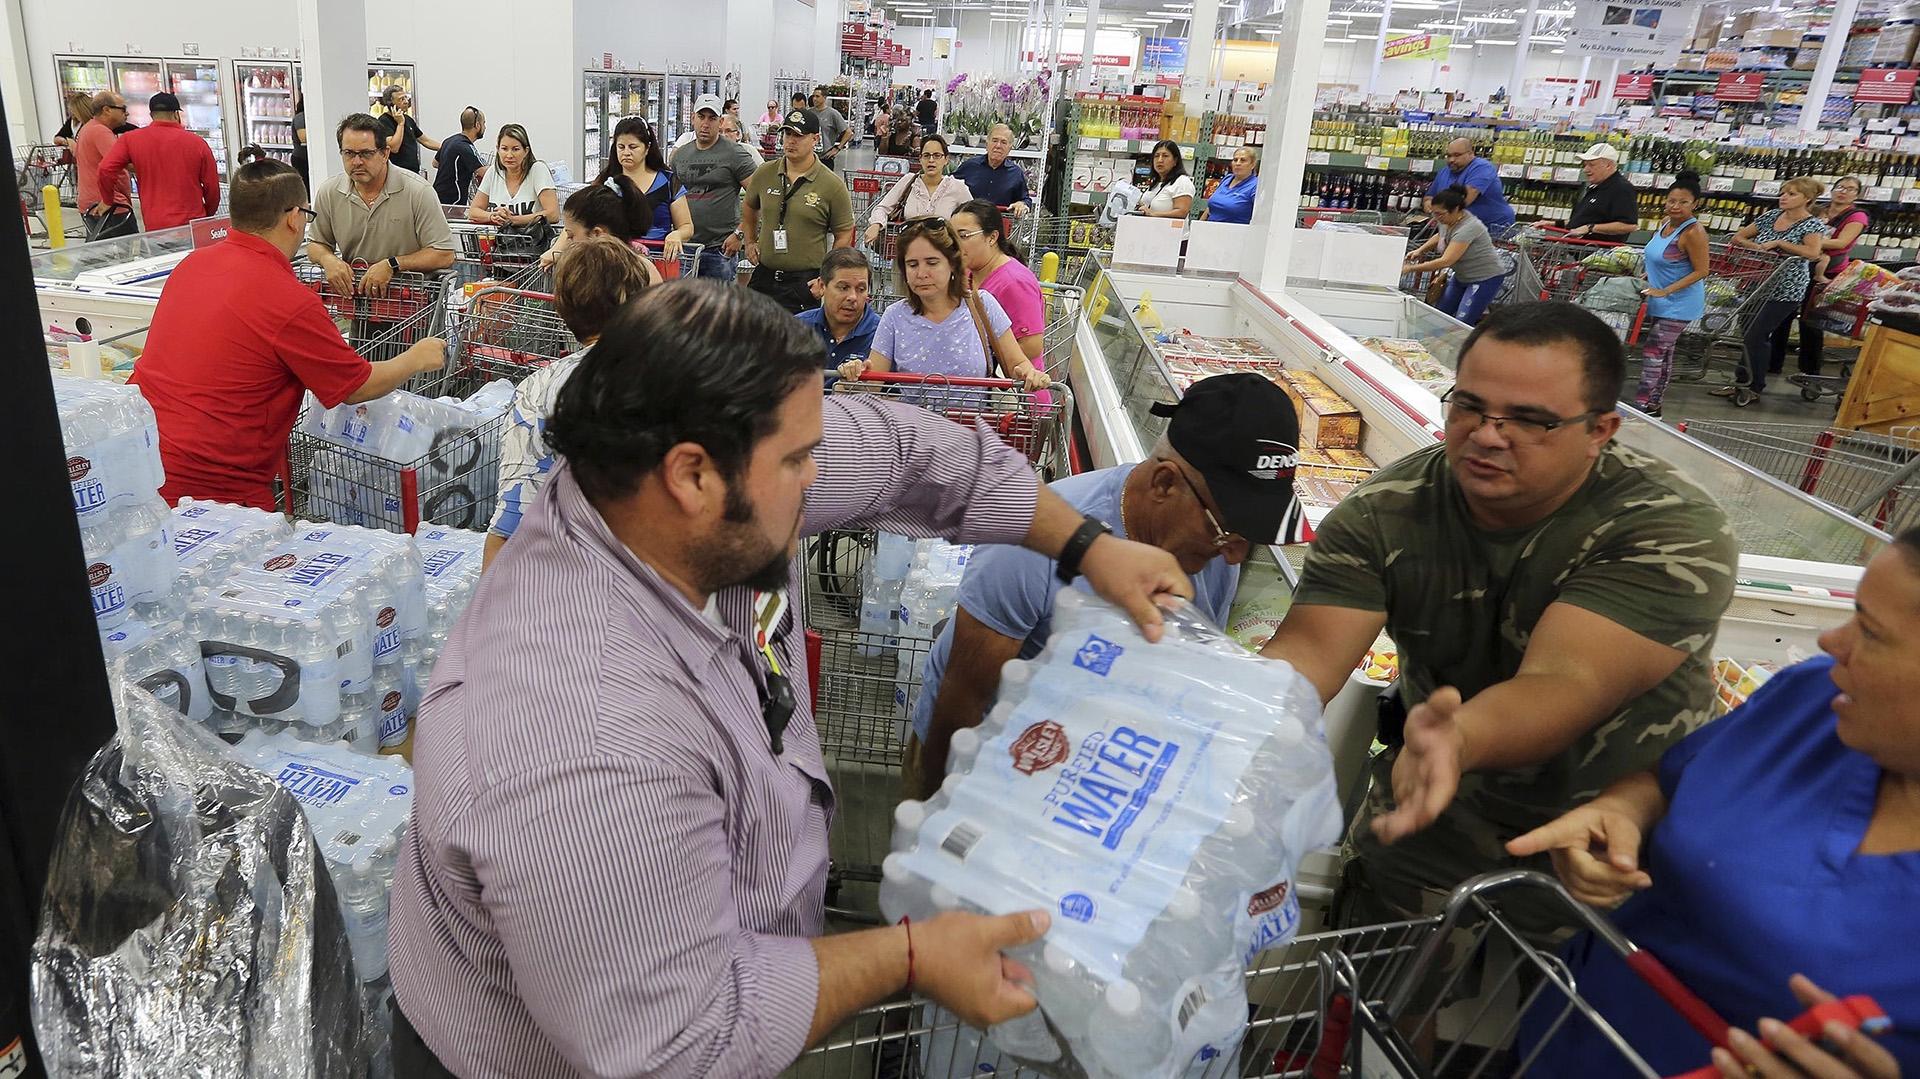 Residentes de Miami compran agua y alimentos para estar preparados ante la posible llega del huracán Irma, que ya es categoría 5